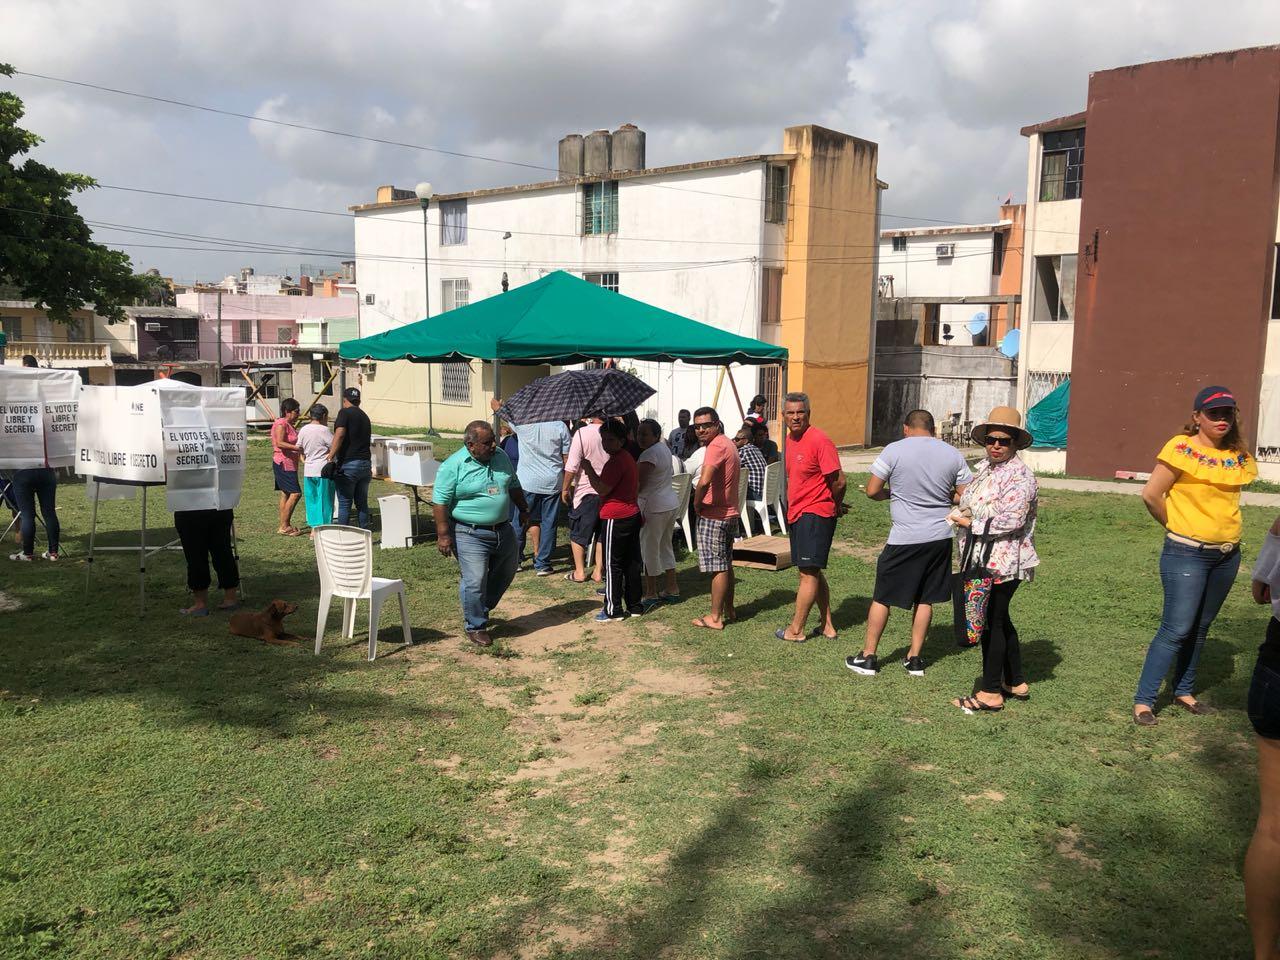 Observadores electorales ven ambiente festivo a pesar del caos en casillas